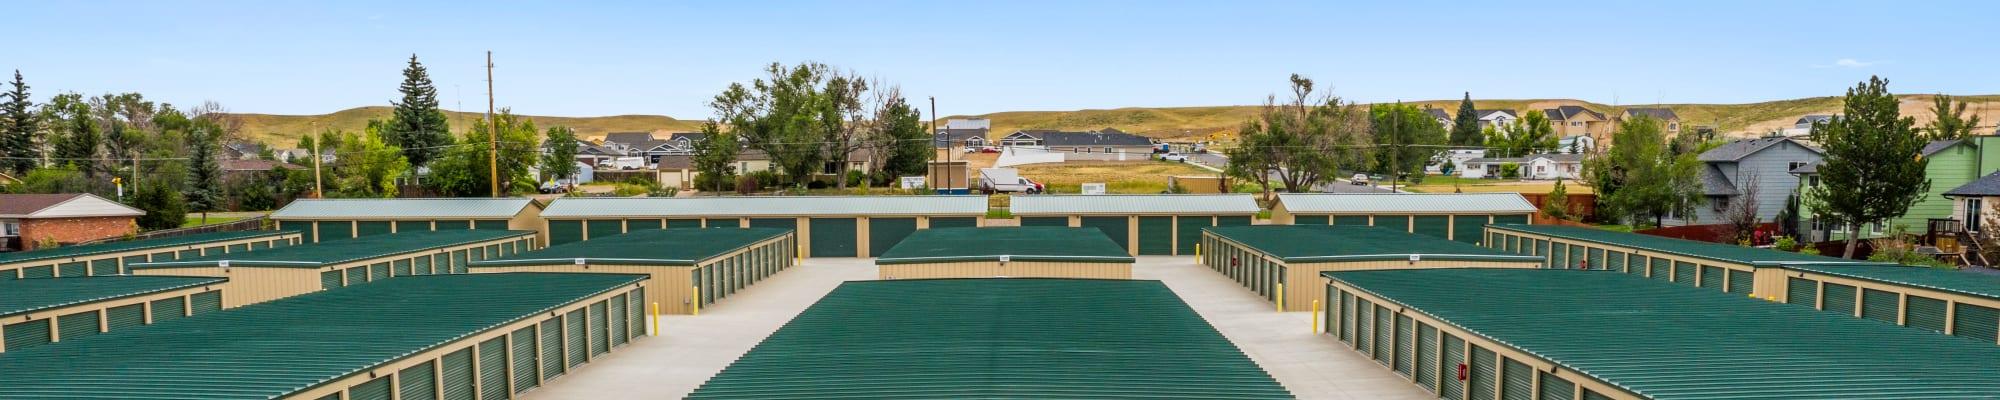 Units at Storage Star Cheyenne in Cheyenne, Wyoming